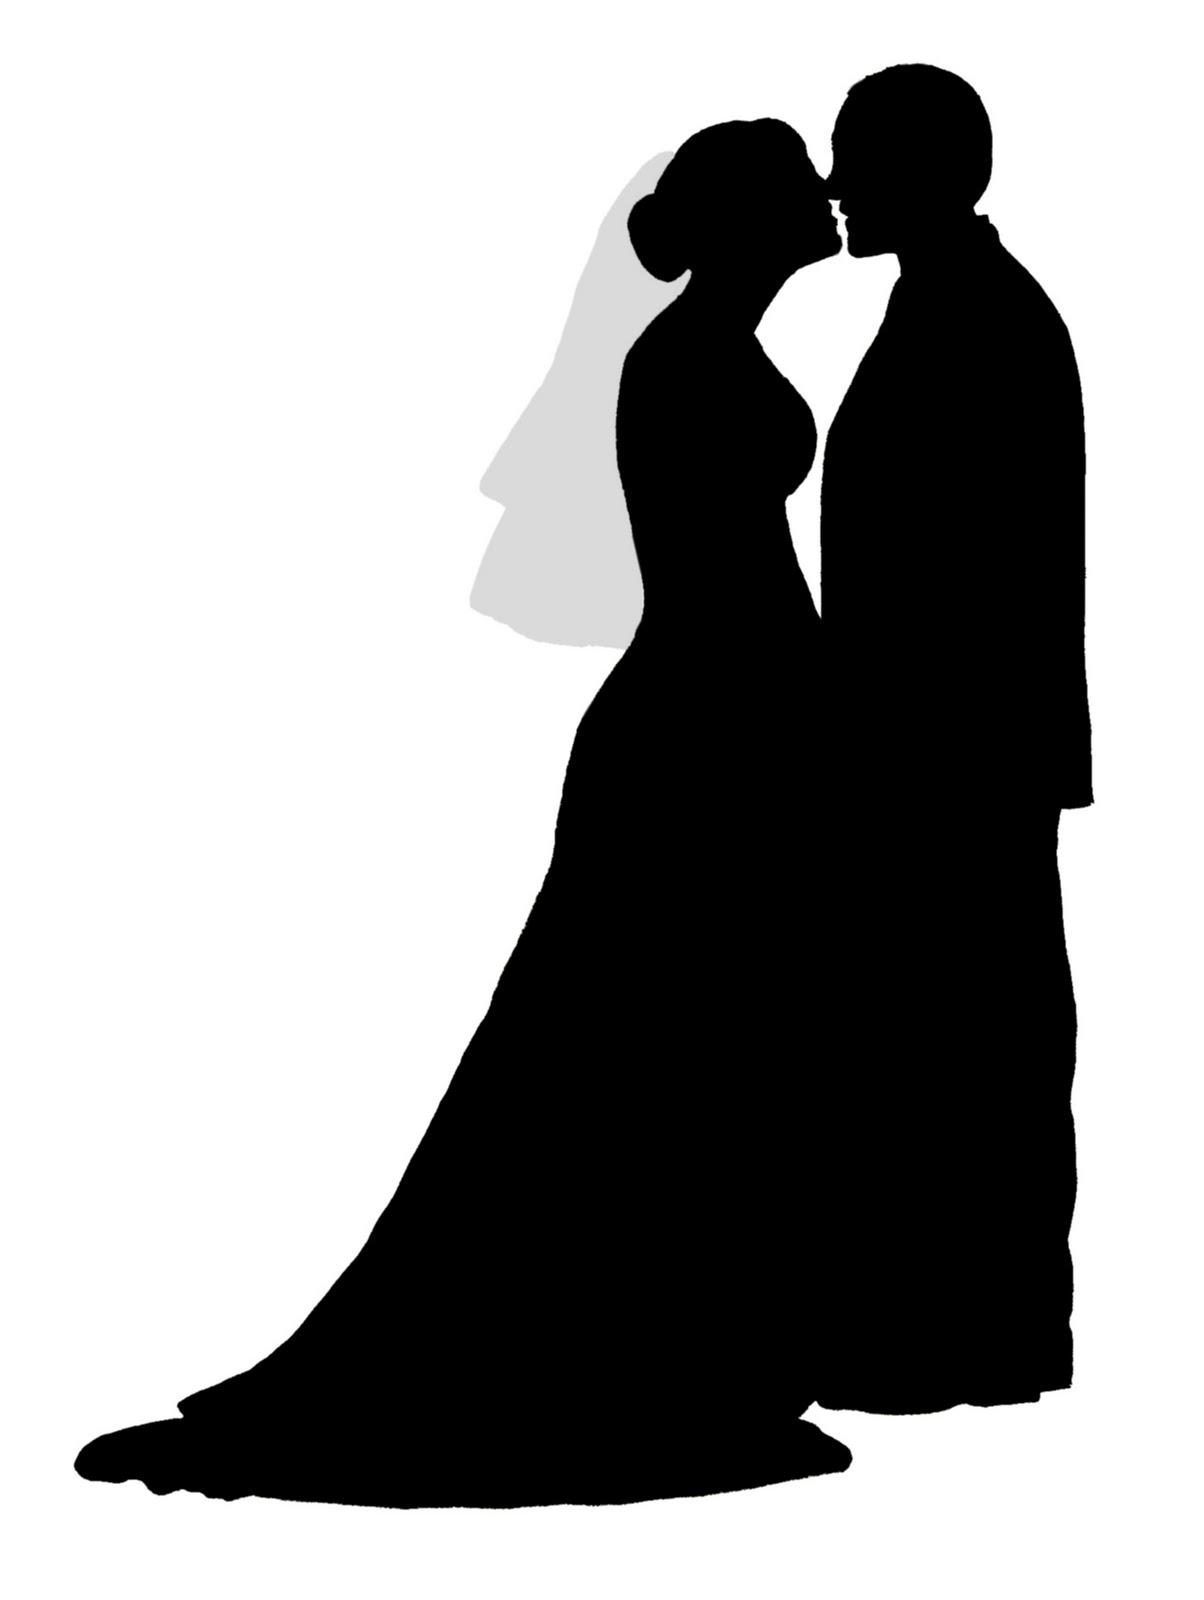 Поздравление, силуэт жениха и невесты для открытки